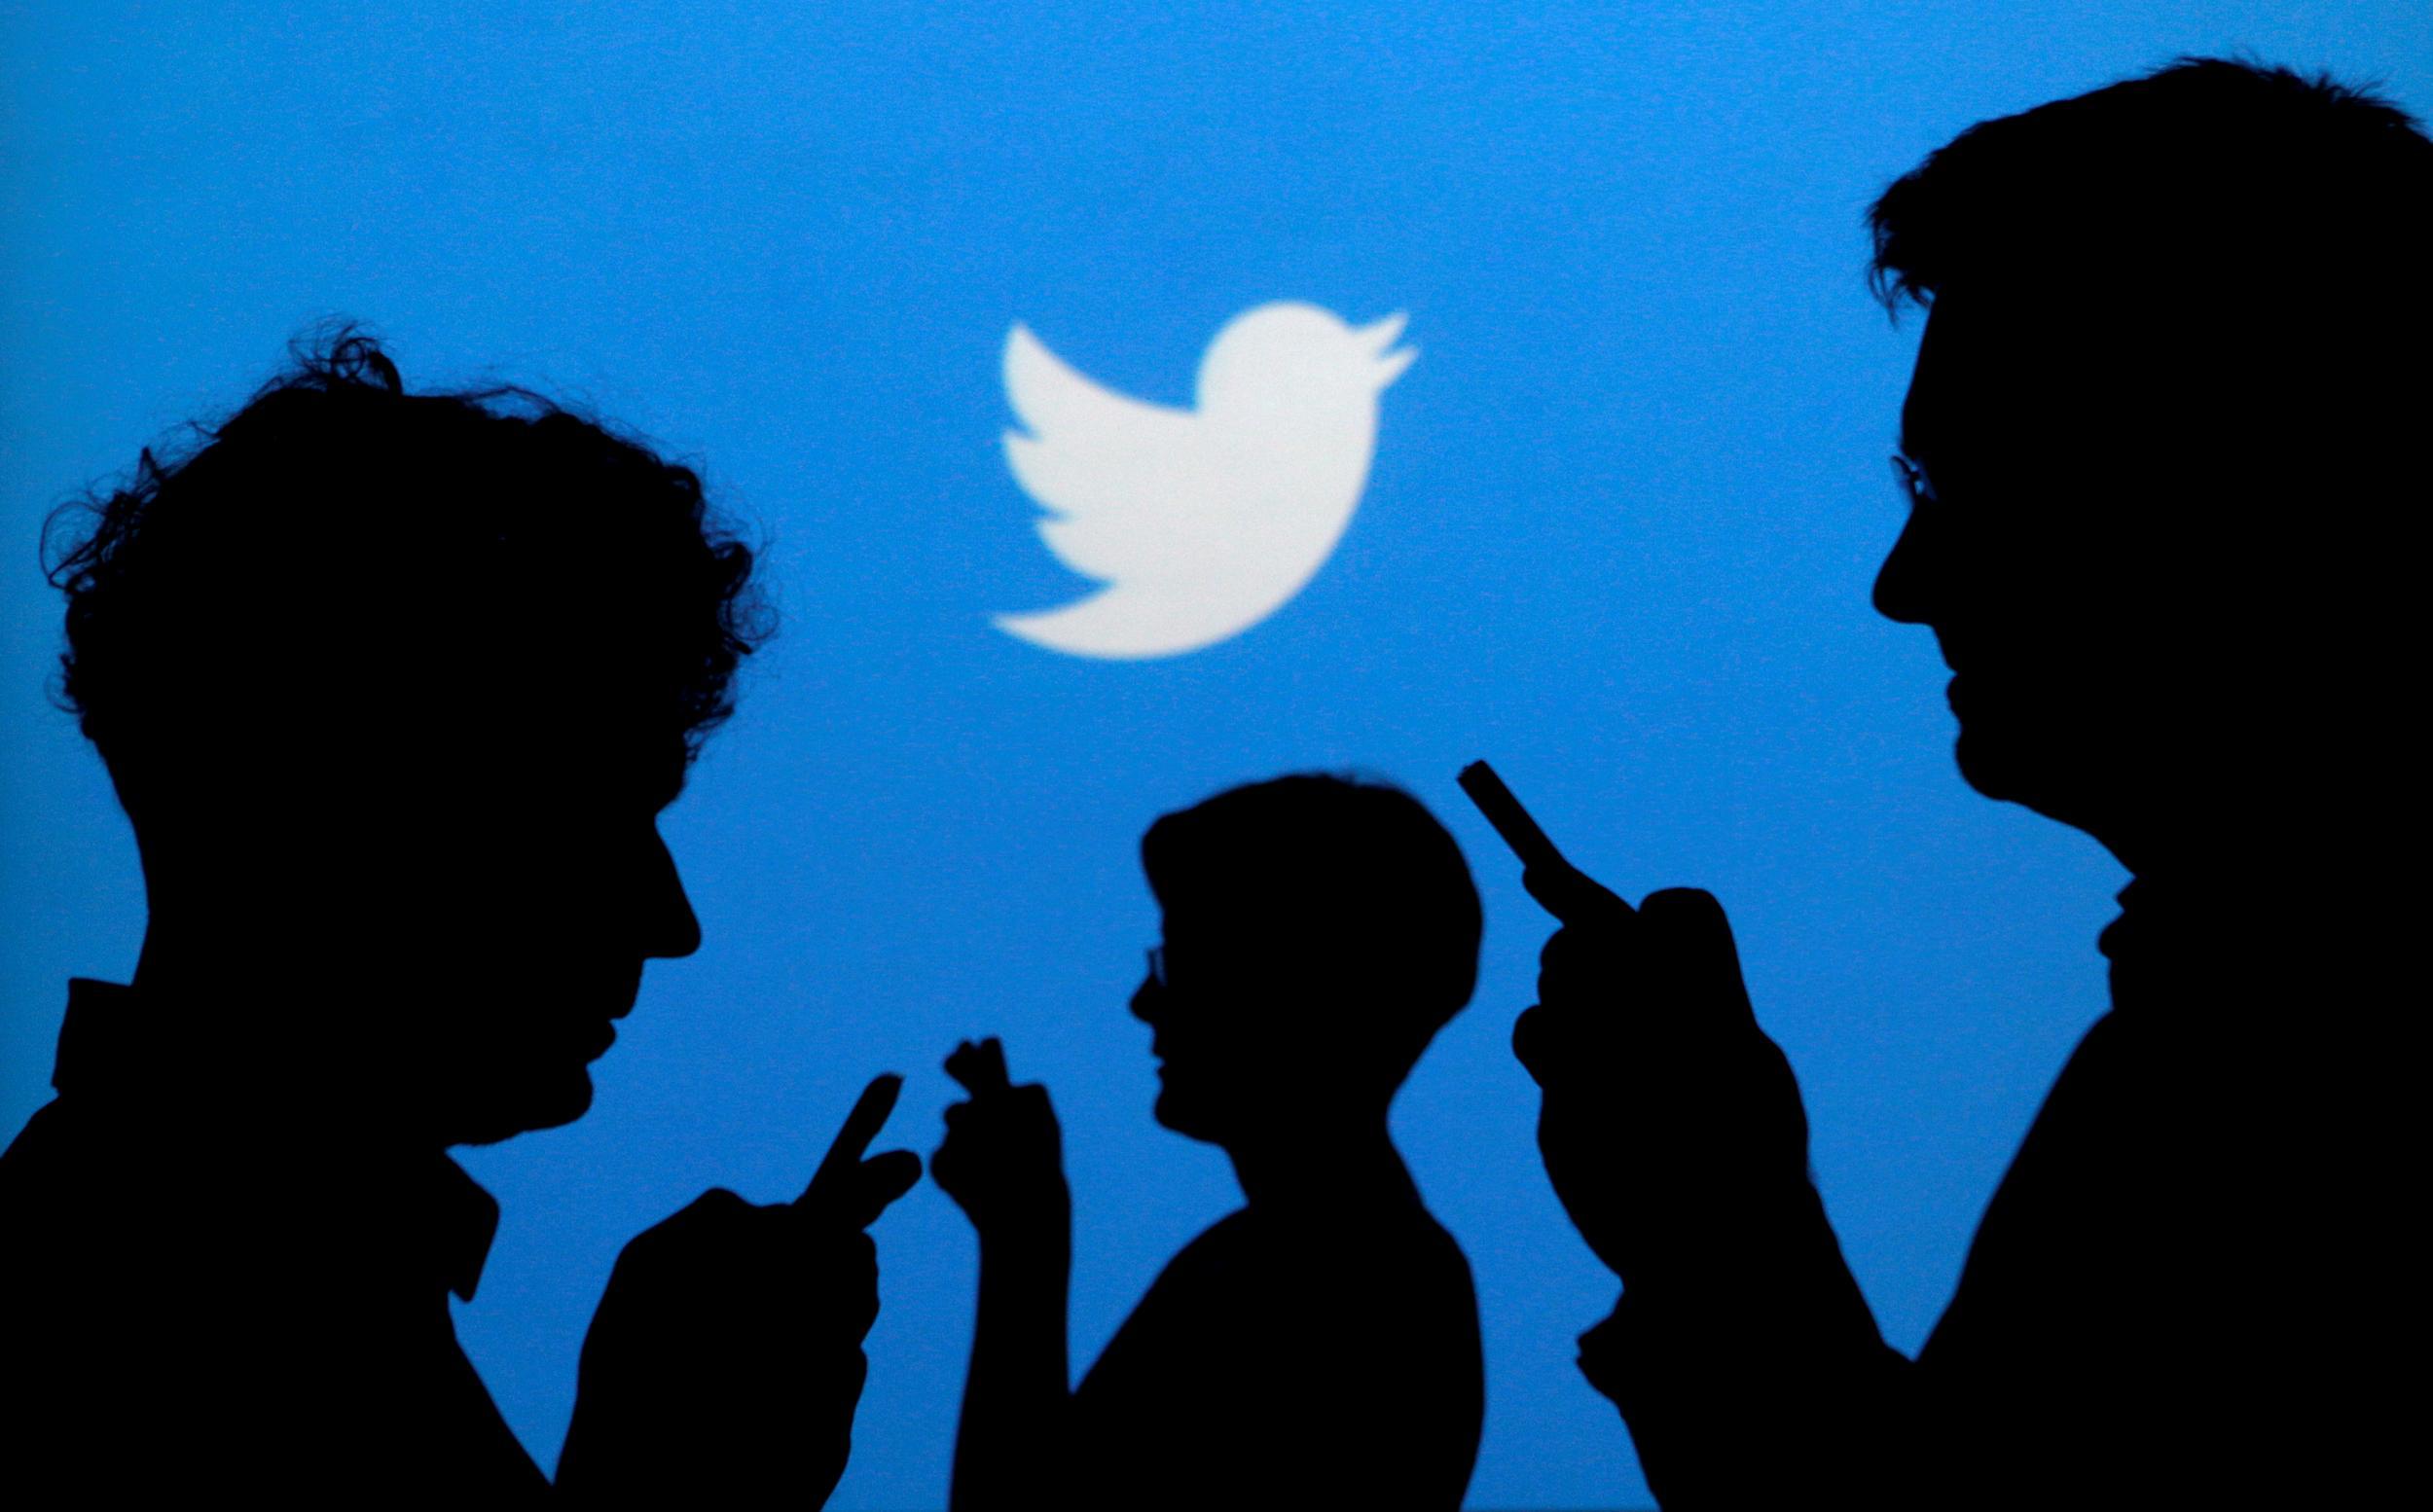 TwitterTwitter